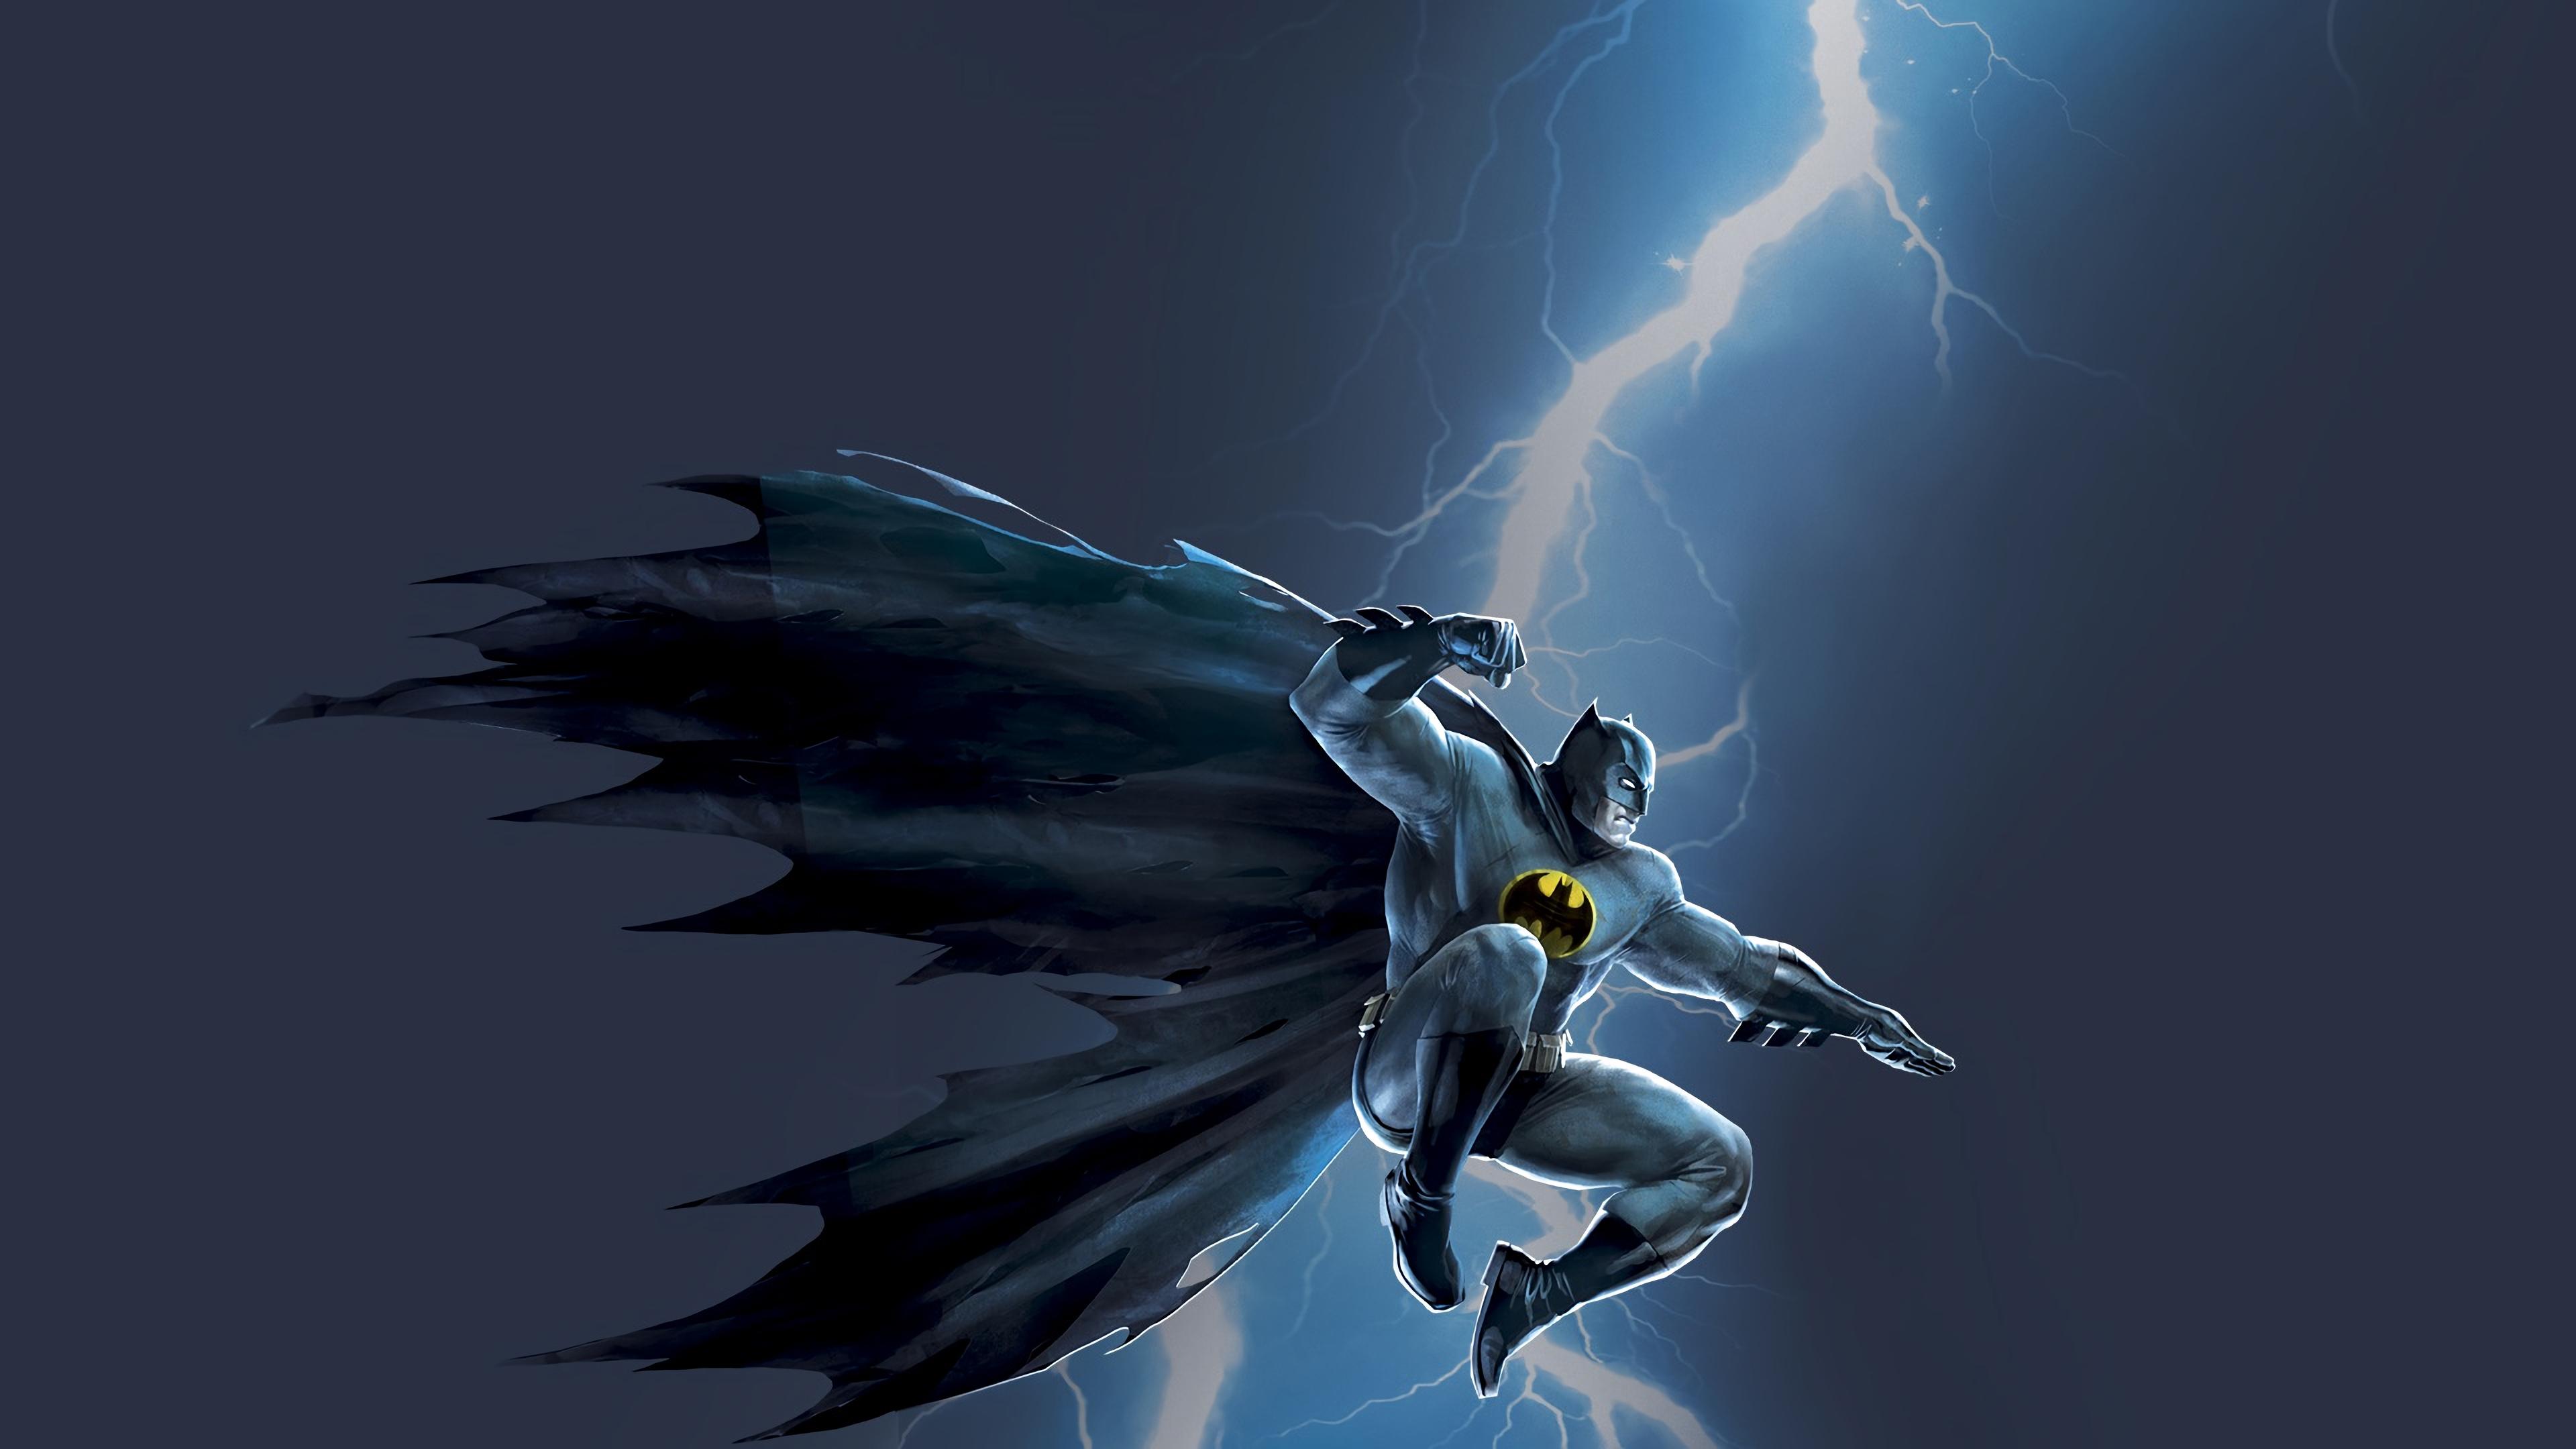 batman the dark knight storm 1569186530 - Batman The Dark Knight Storm - superheroes wallpapers, hd-wallpapers, batman wallpapers, 4k-wallpapers